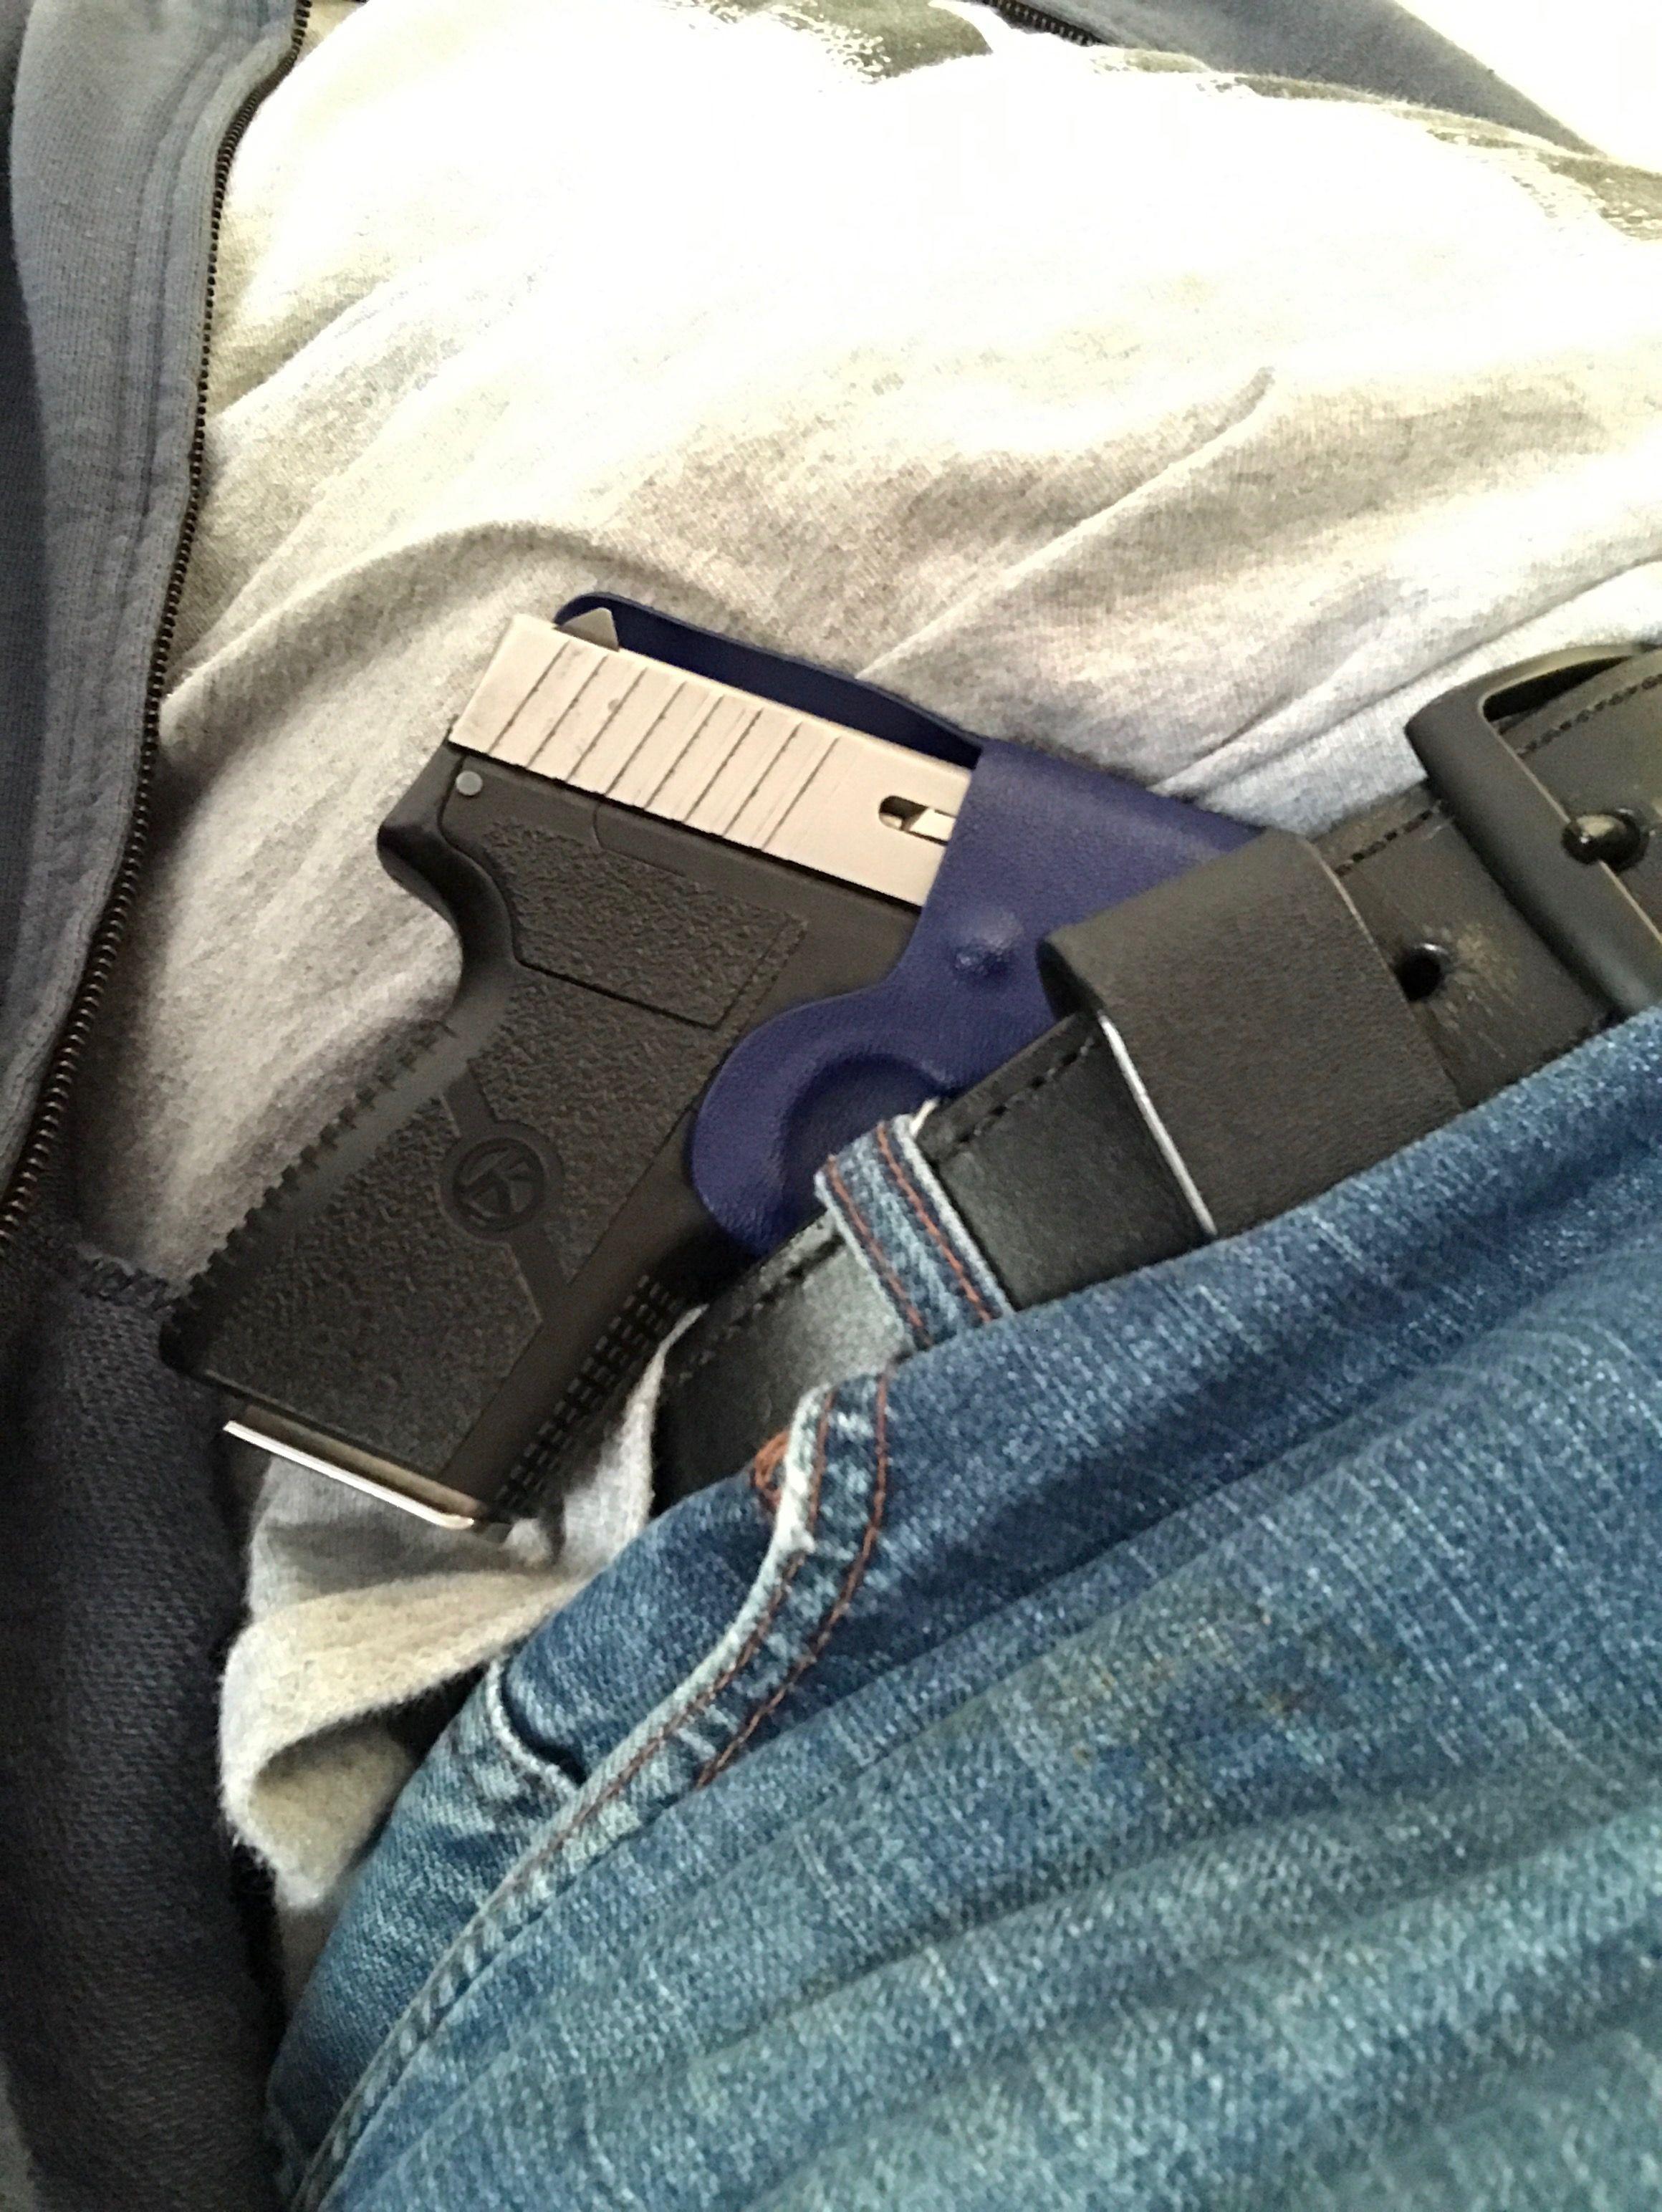 Appendix Carry Kahr PM9 | GARP holsters | Hand guns, Guns, Carry on